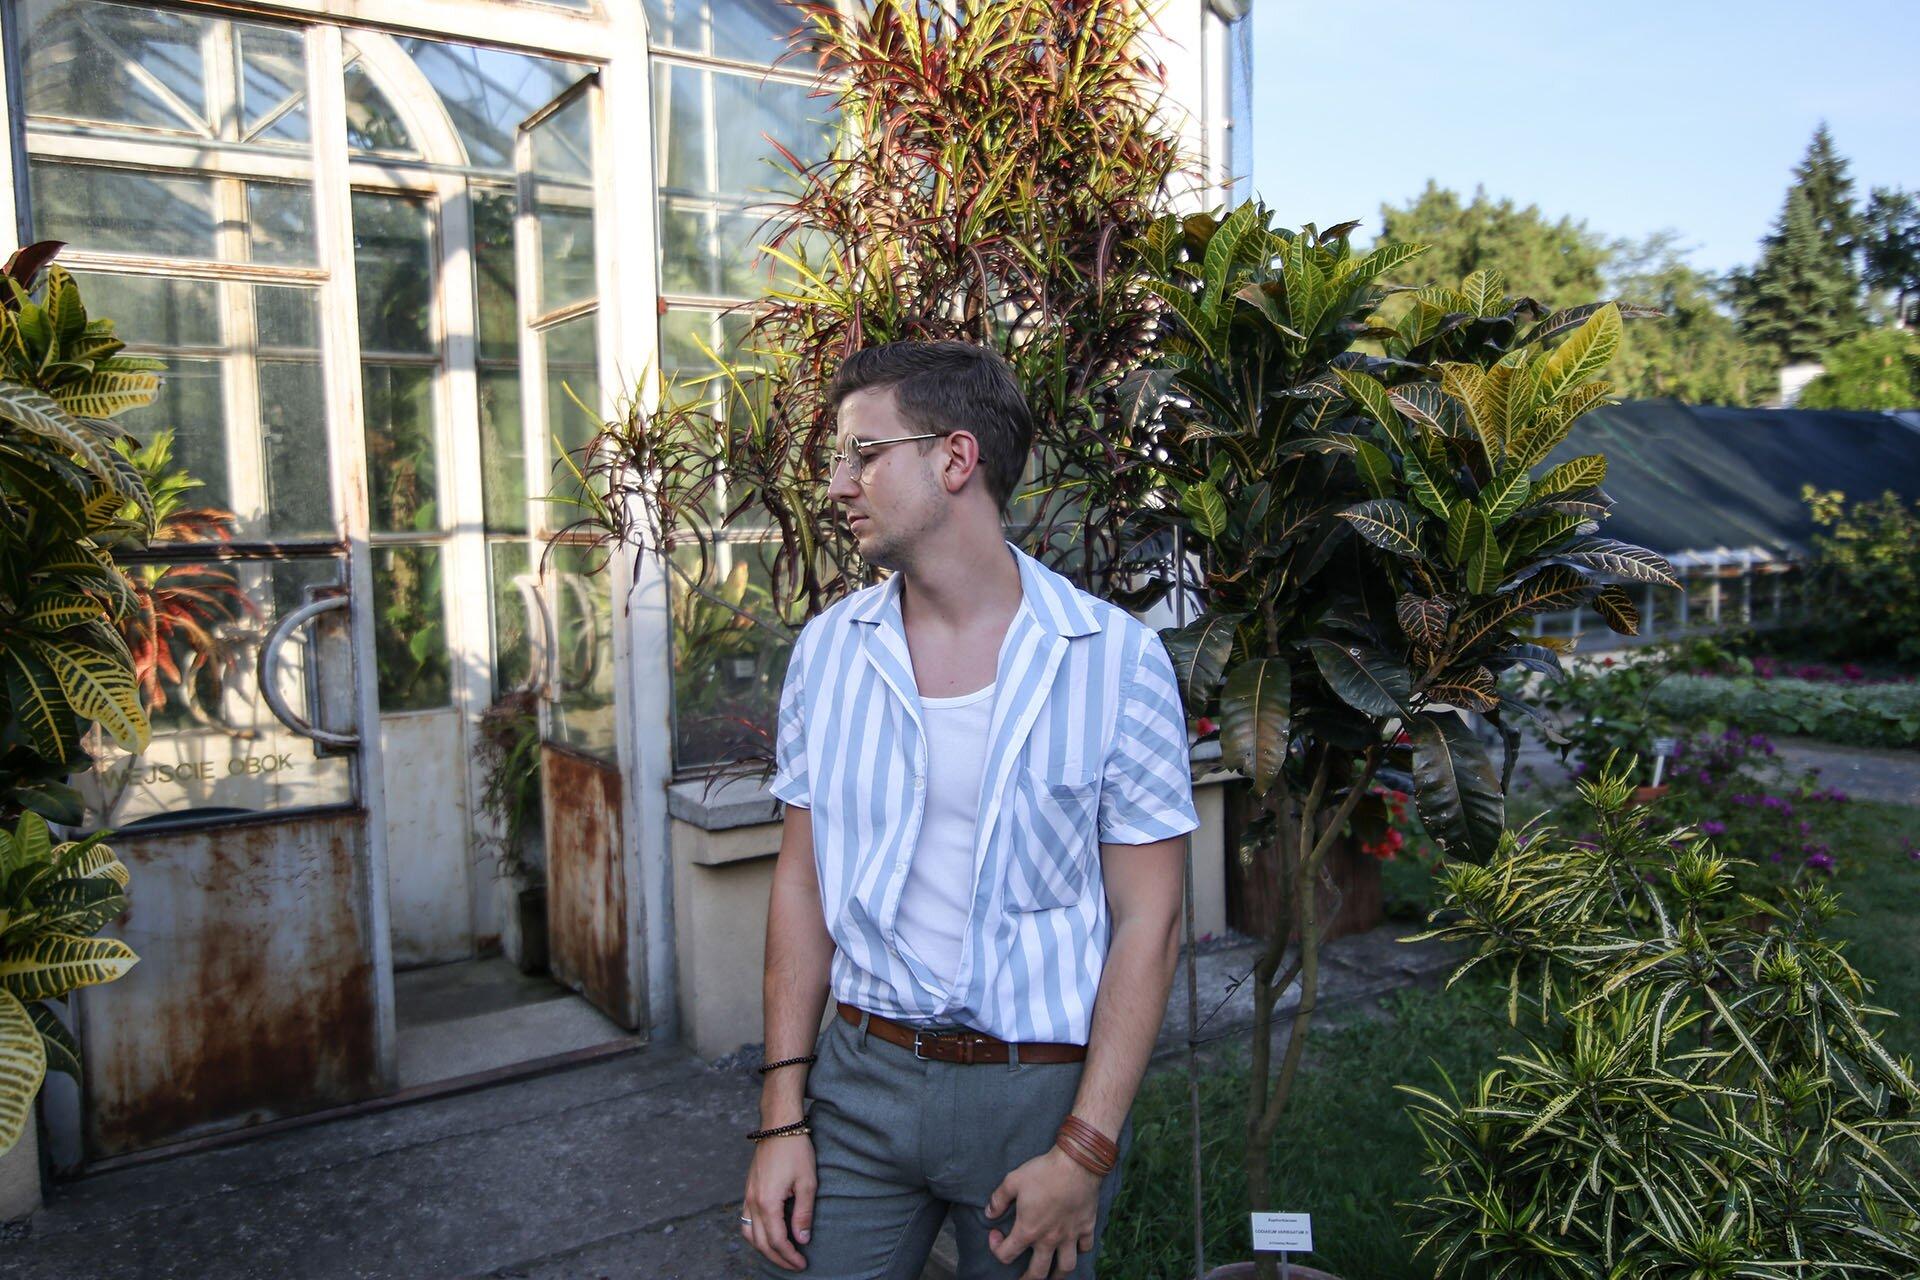 Tropikalna moda męska, Blog o modzie męskiej, Moda męska dla mężczyzn, Ogród Botaniczny Kraków, Grzegorz Paliś jako bloger modowy z Krakowa, GMALE